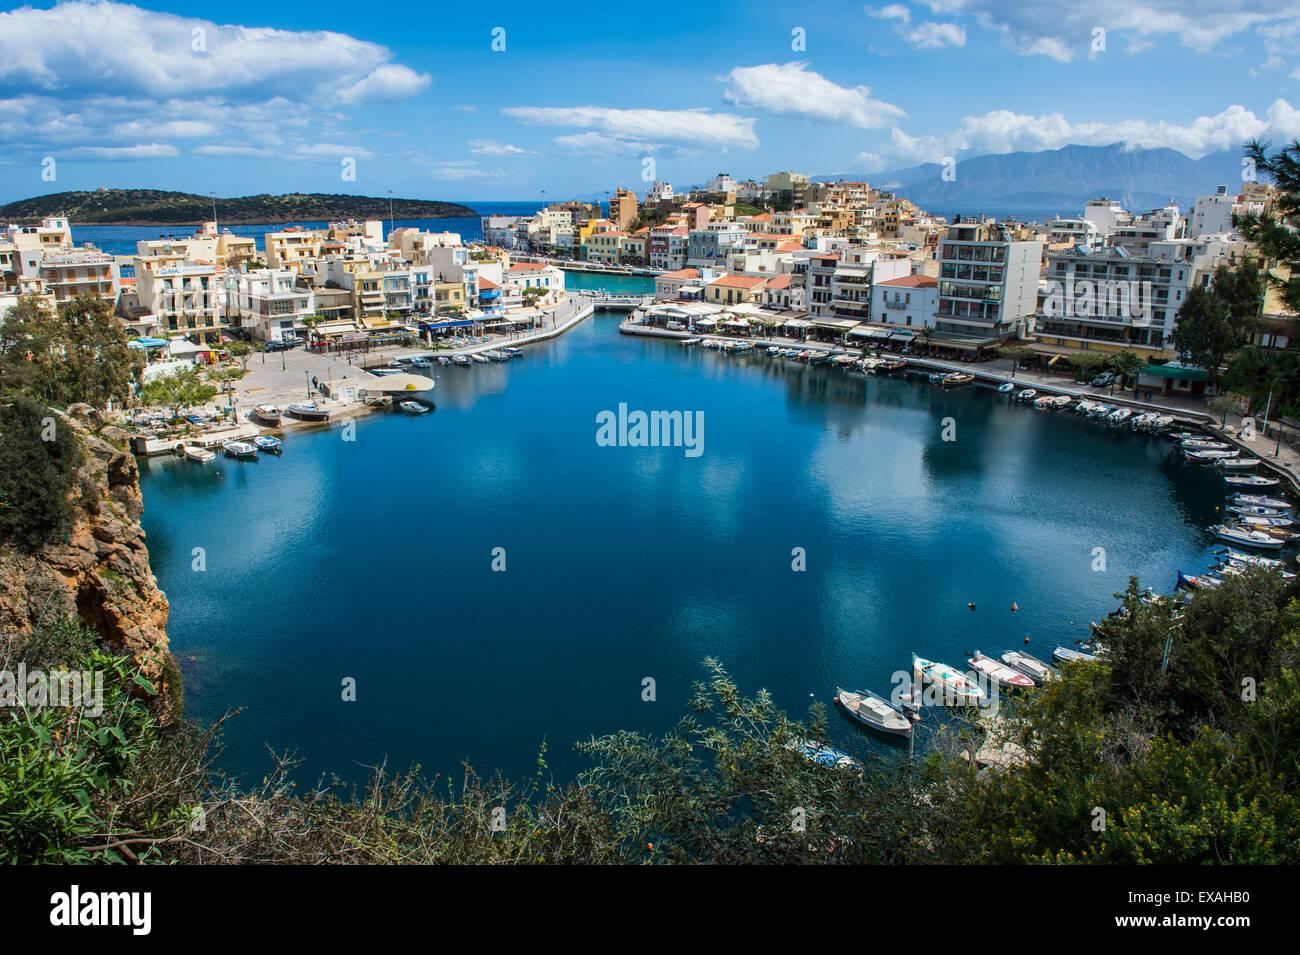 View over Lake Voulismeni, Agios Nikolaos, Crete, Greek Islands, Greece, Europe - Stock Image